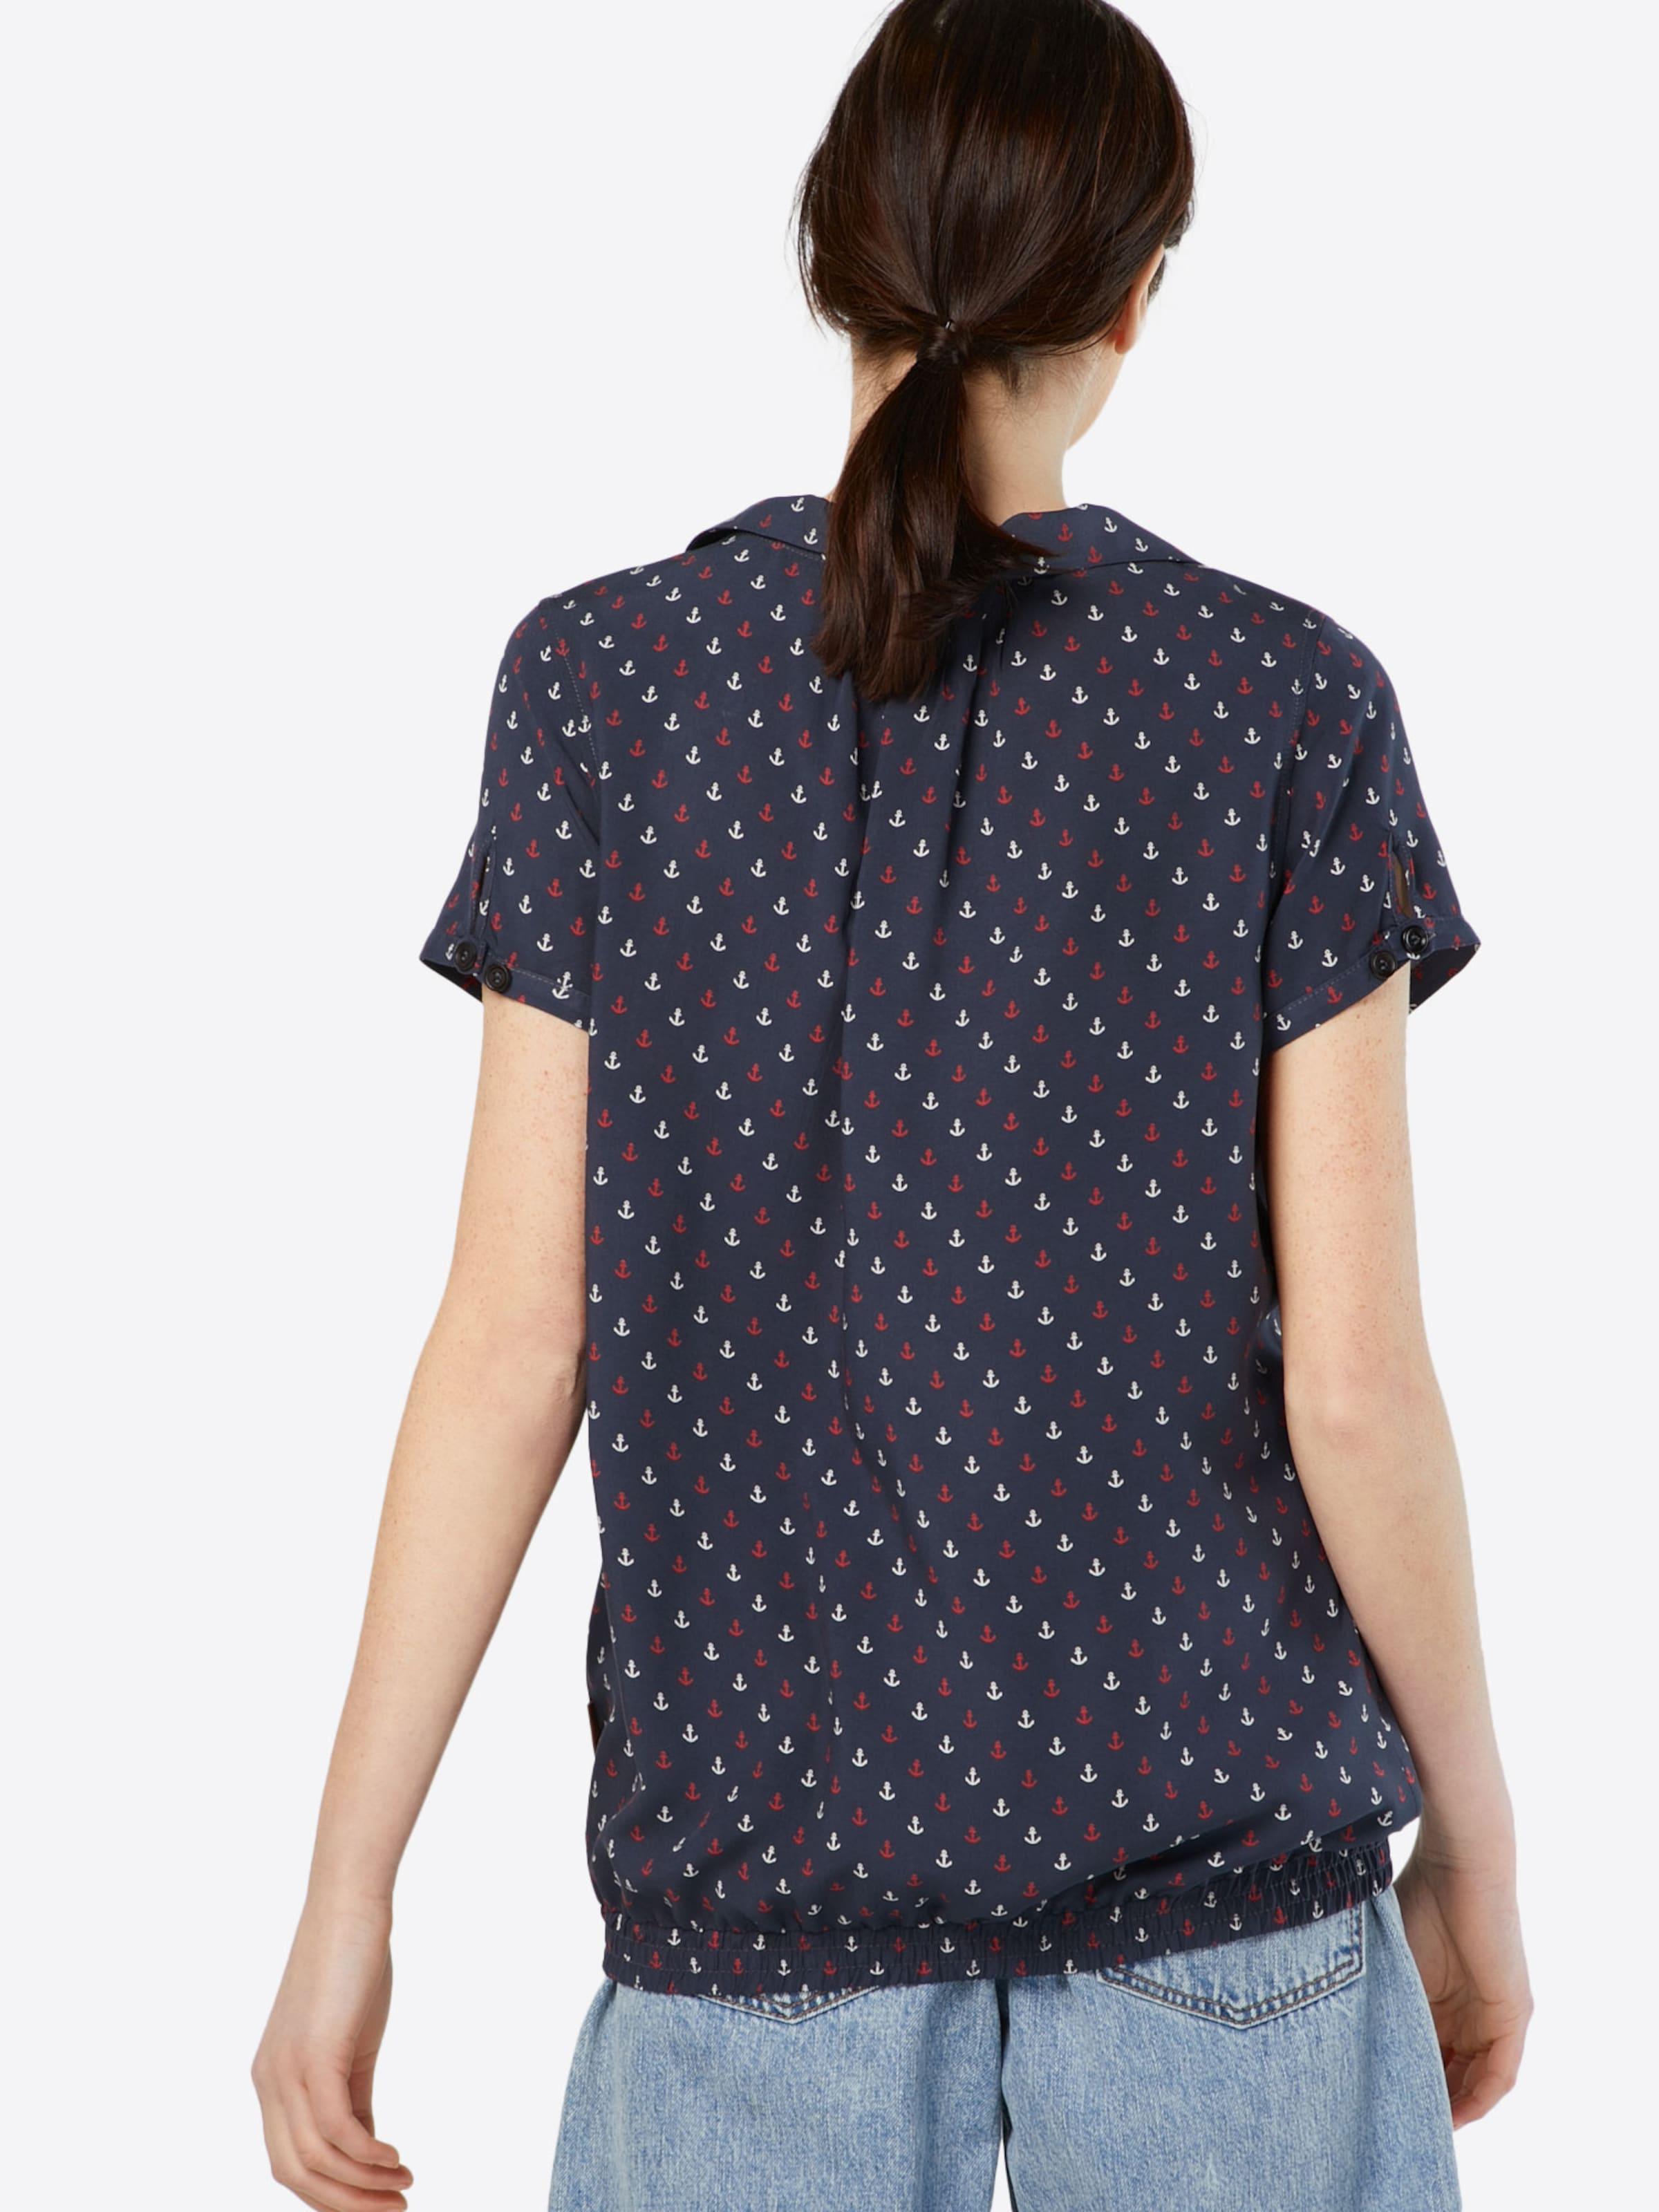 Shirt Naketano Weiß BlauRot 'rumvögelchen' In 0X8nPwOk